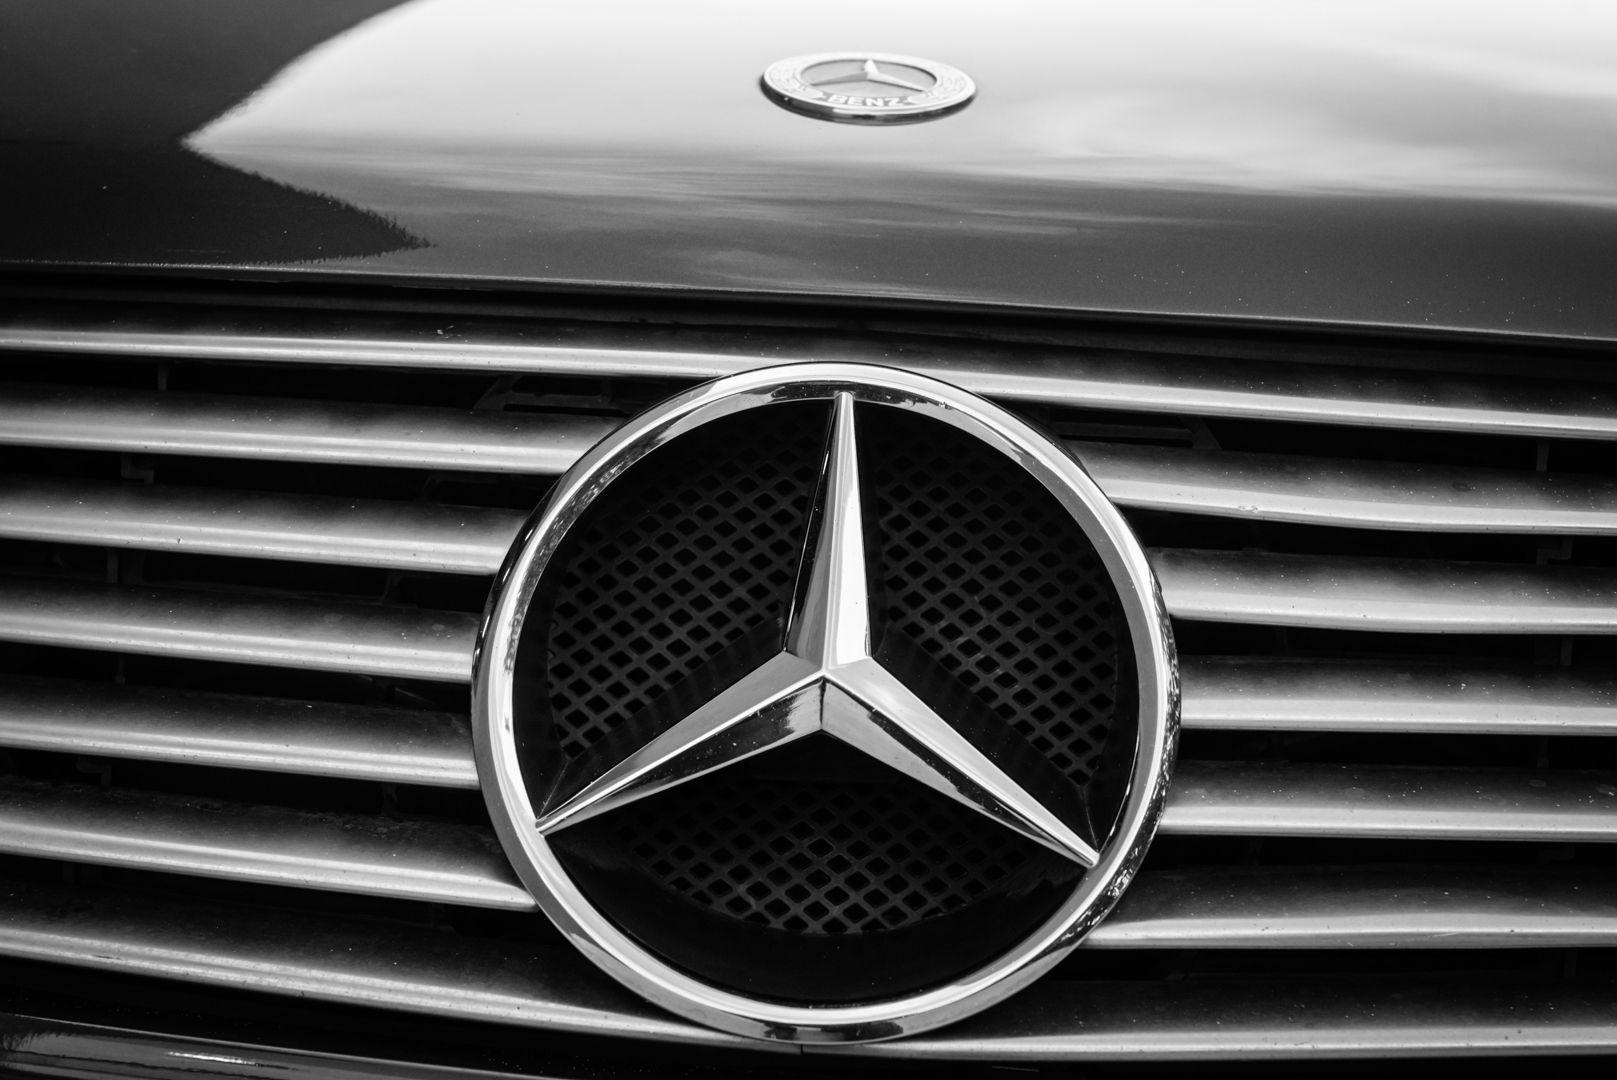 1992 Mercedes Benz 300 SL 24 V 80615